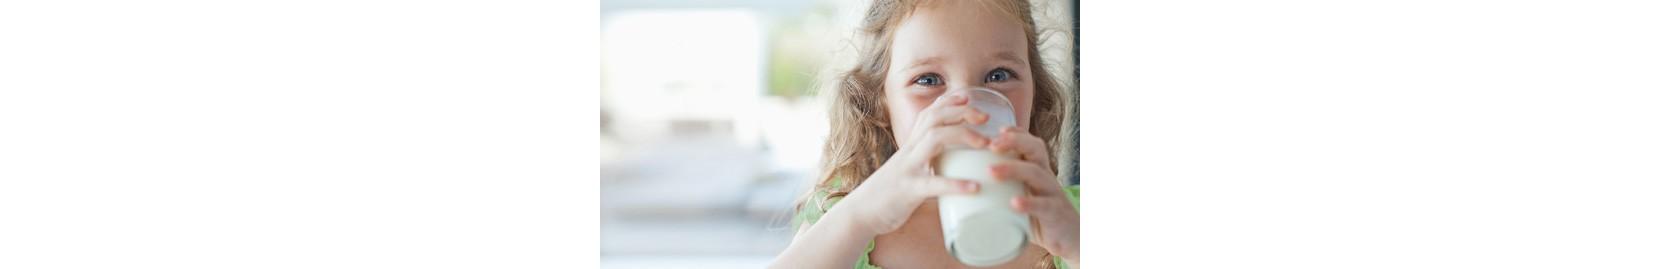 mädchen trinkt lächelnd aus milchglas